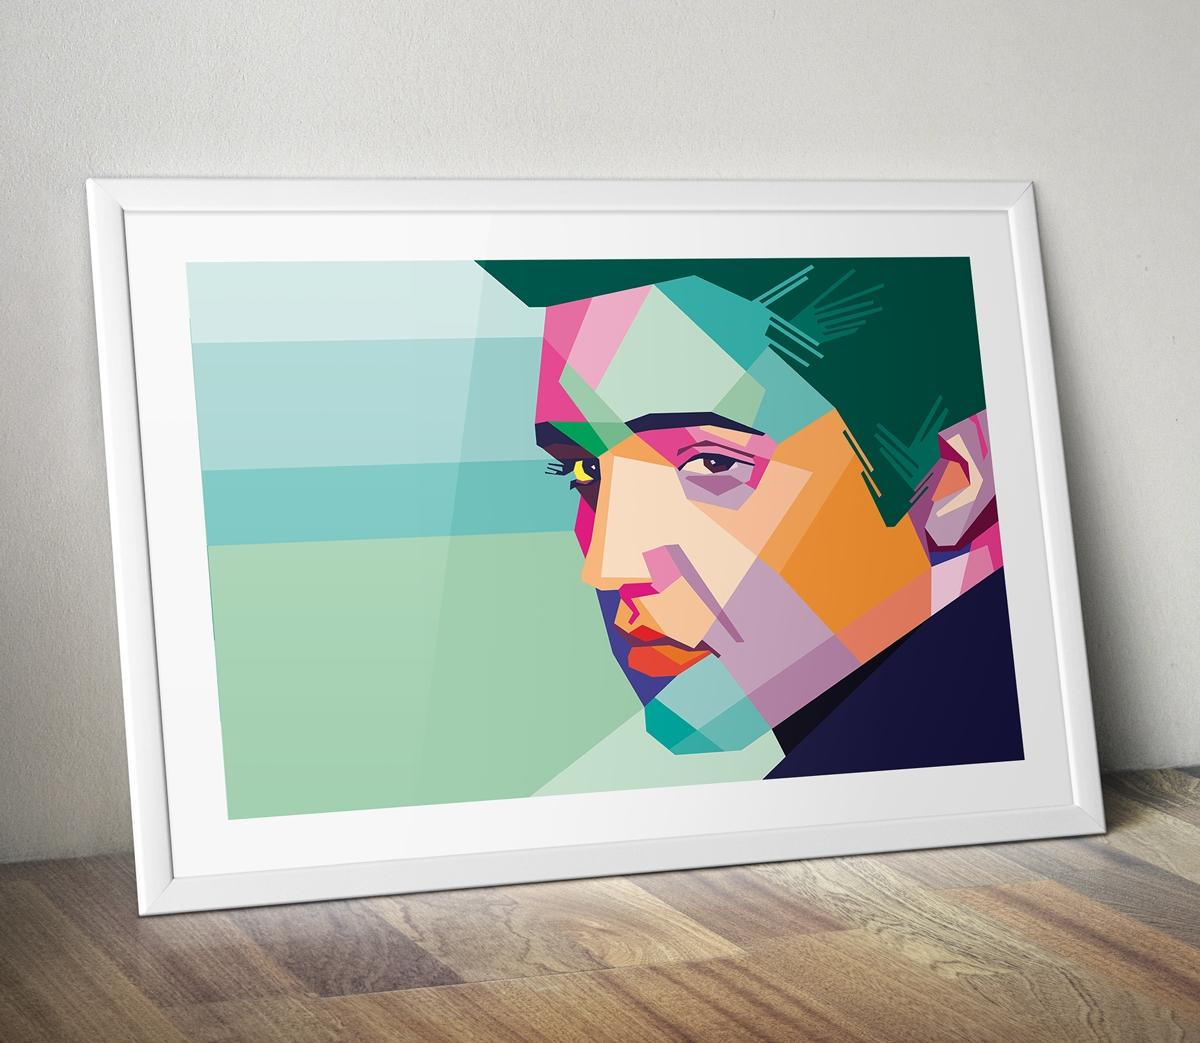 Elvis Pop Art Canvas Print | Pop Art Gifts | Pop Art Shop | Hand Pertaining To Recent Portrait Canvas Wall Art (View 9 of 15)